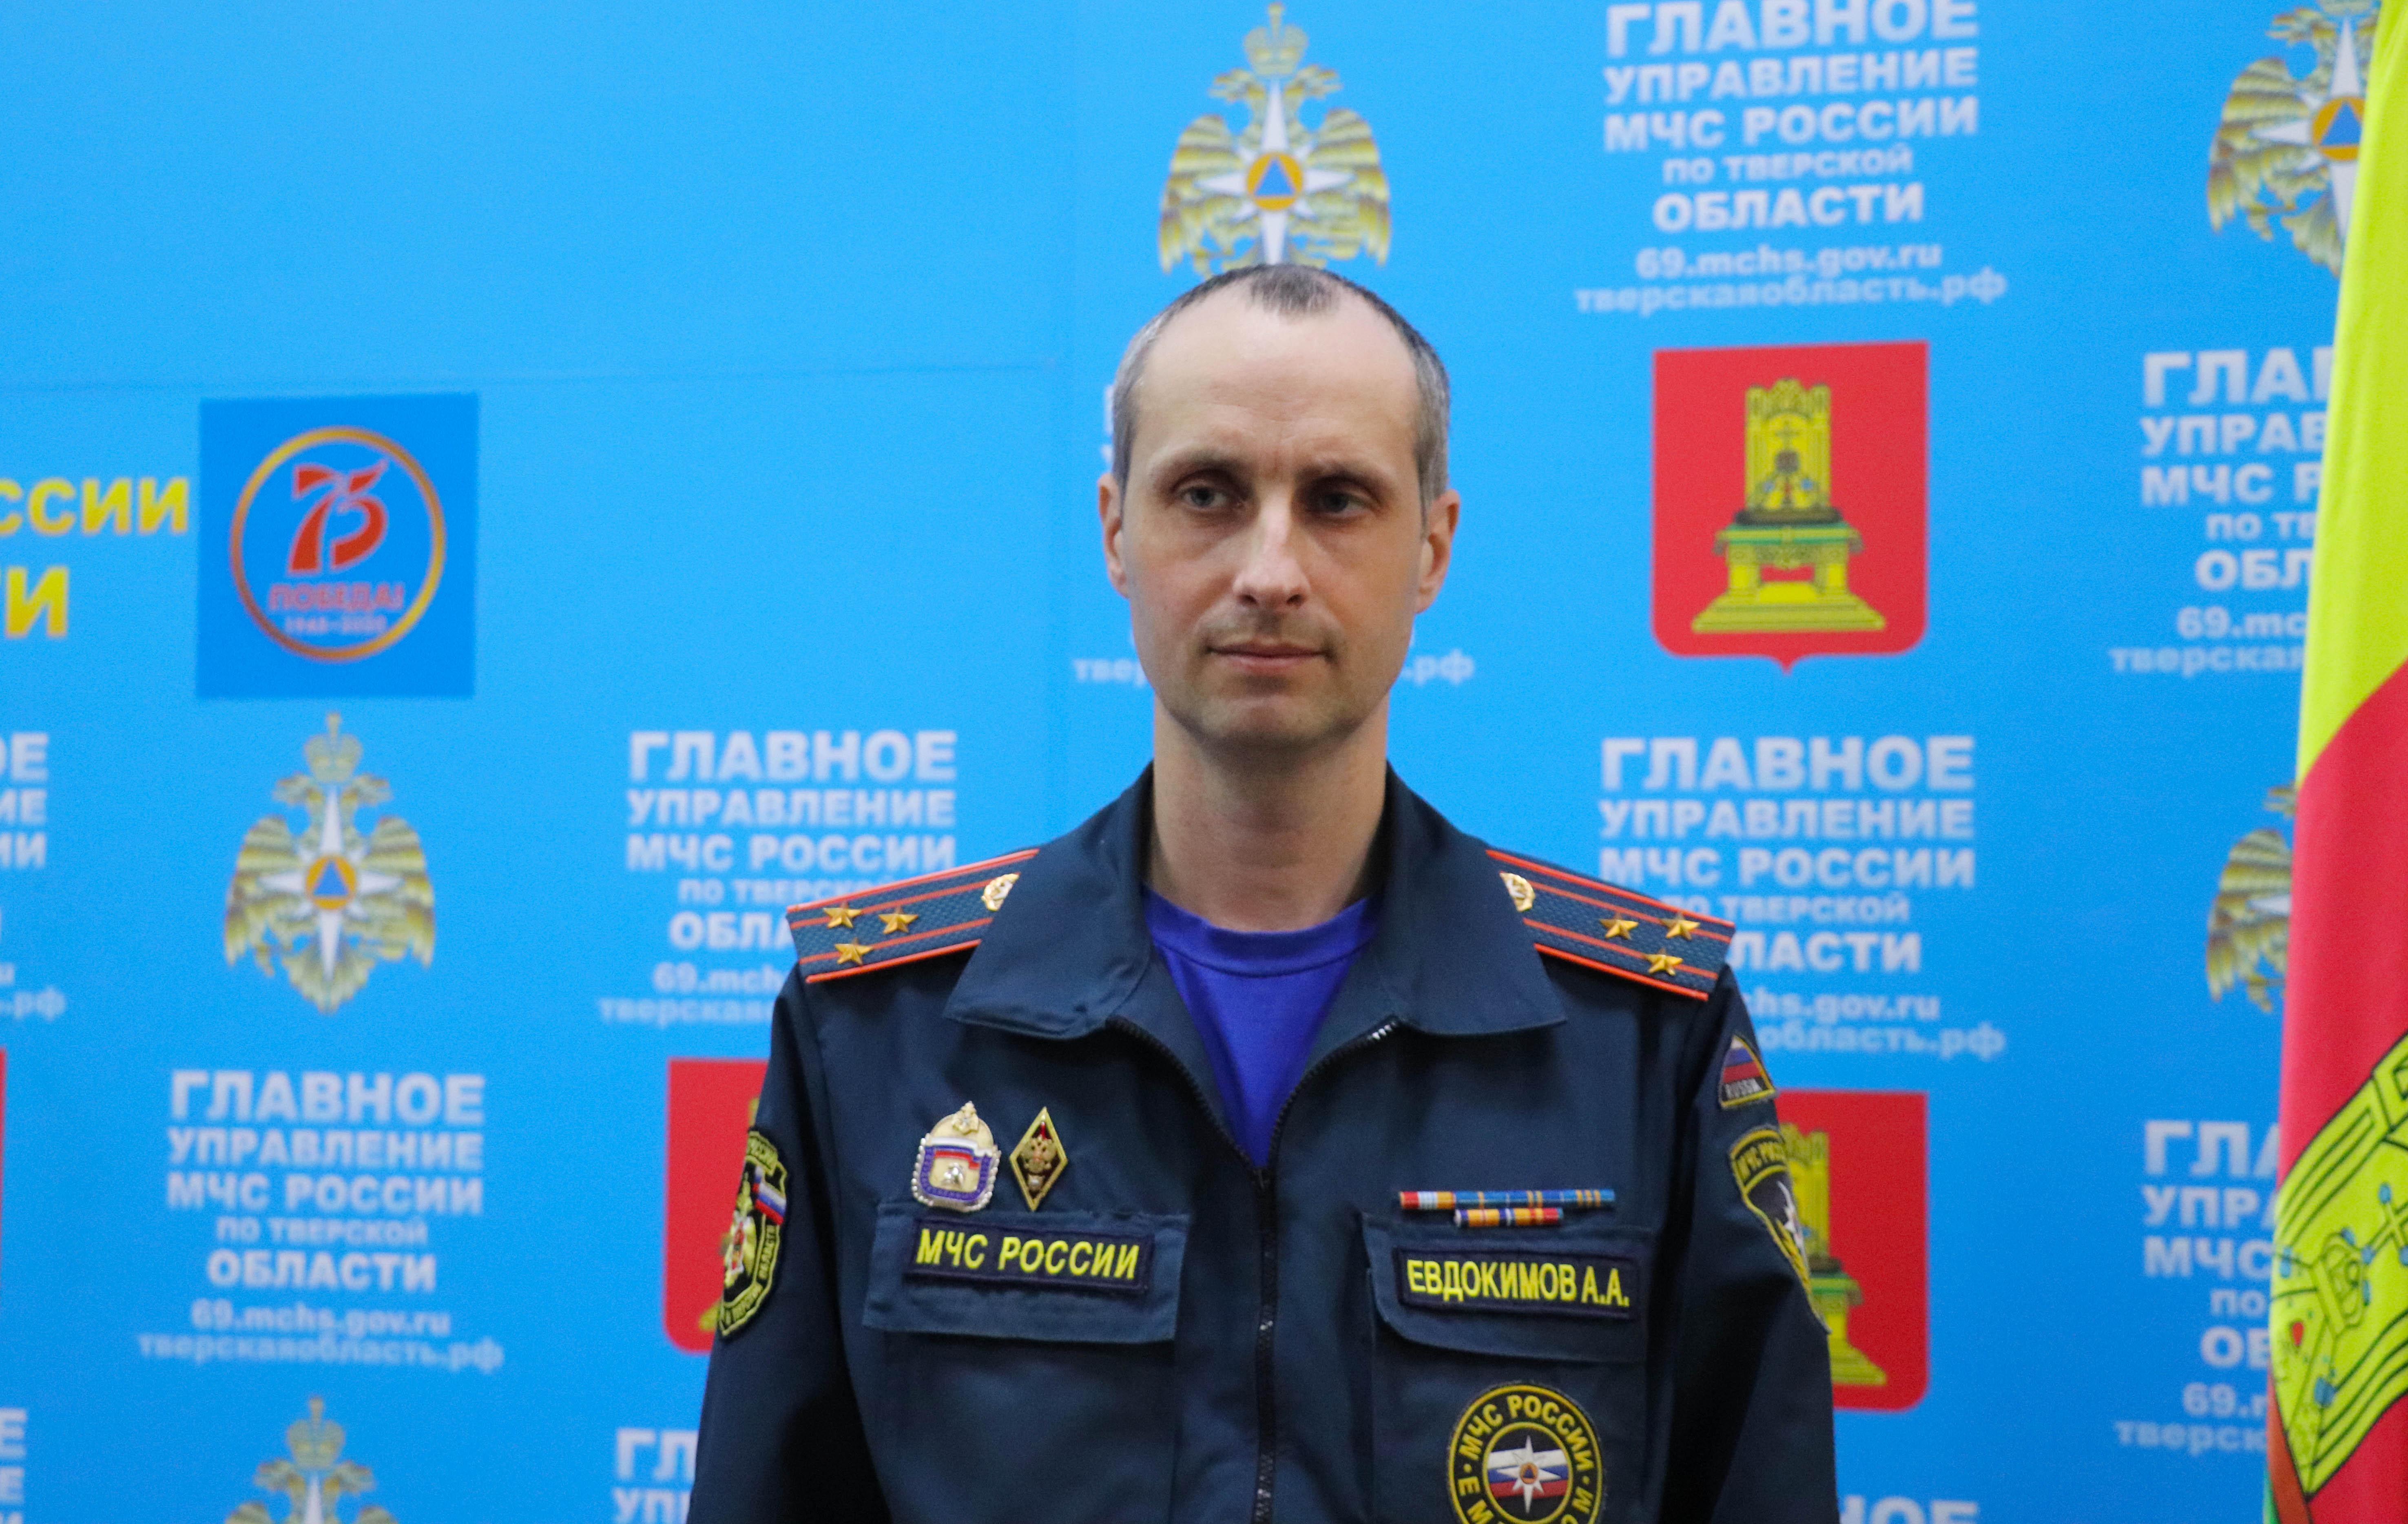 Жителям Тверской области напомнили о запрете на разведение костров - новости Афанасий